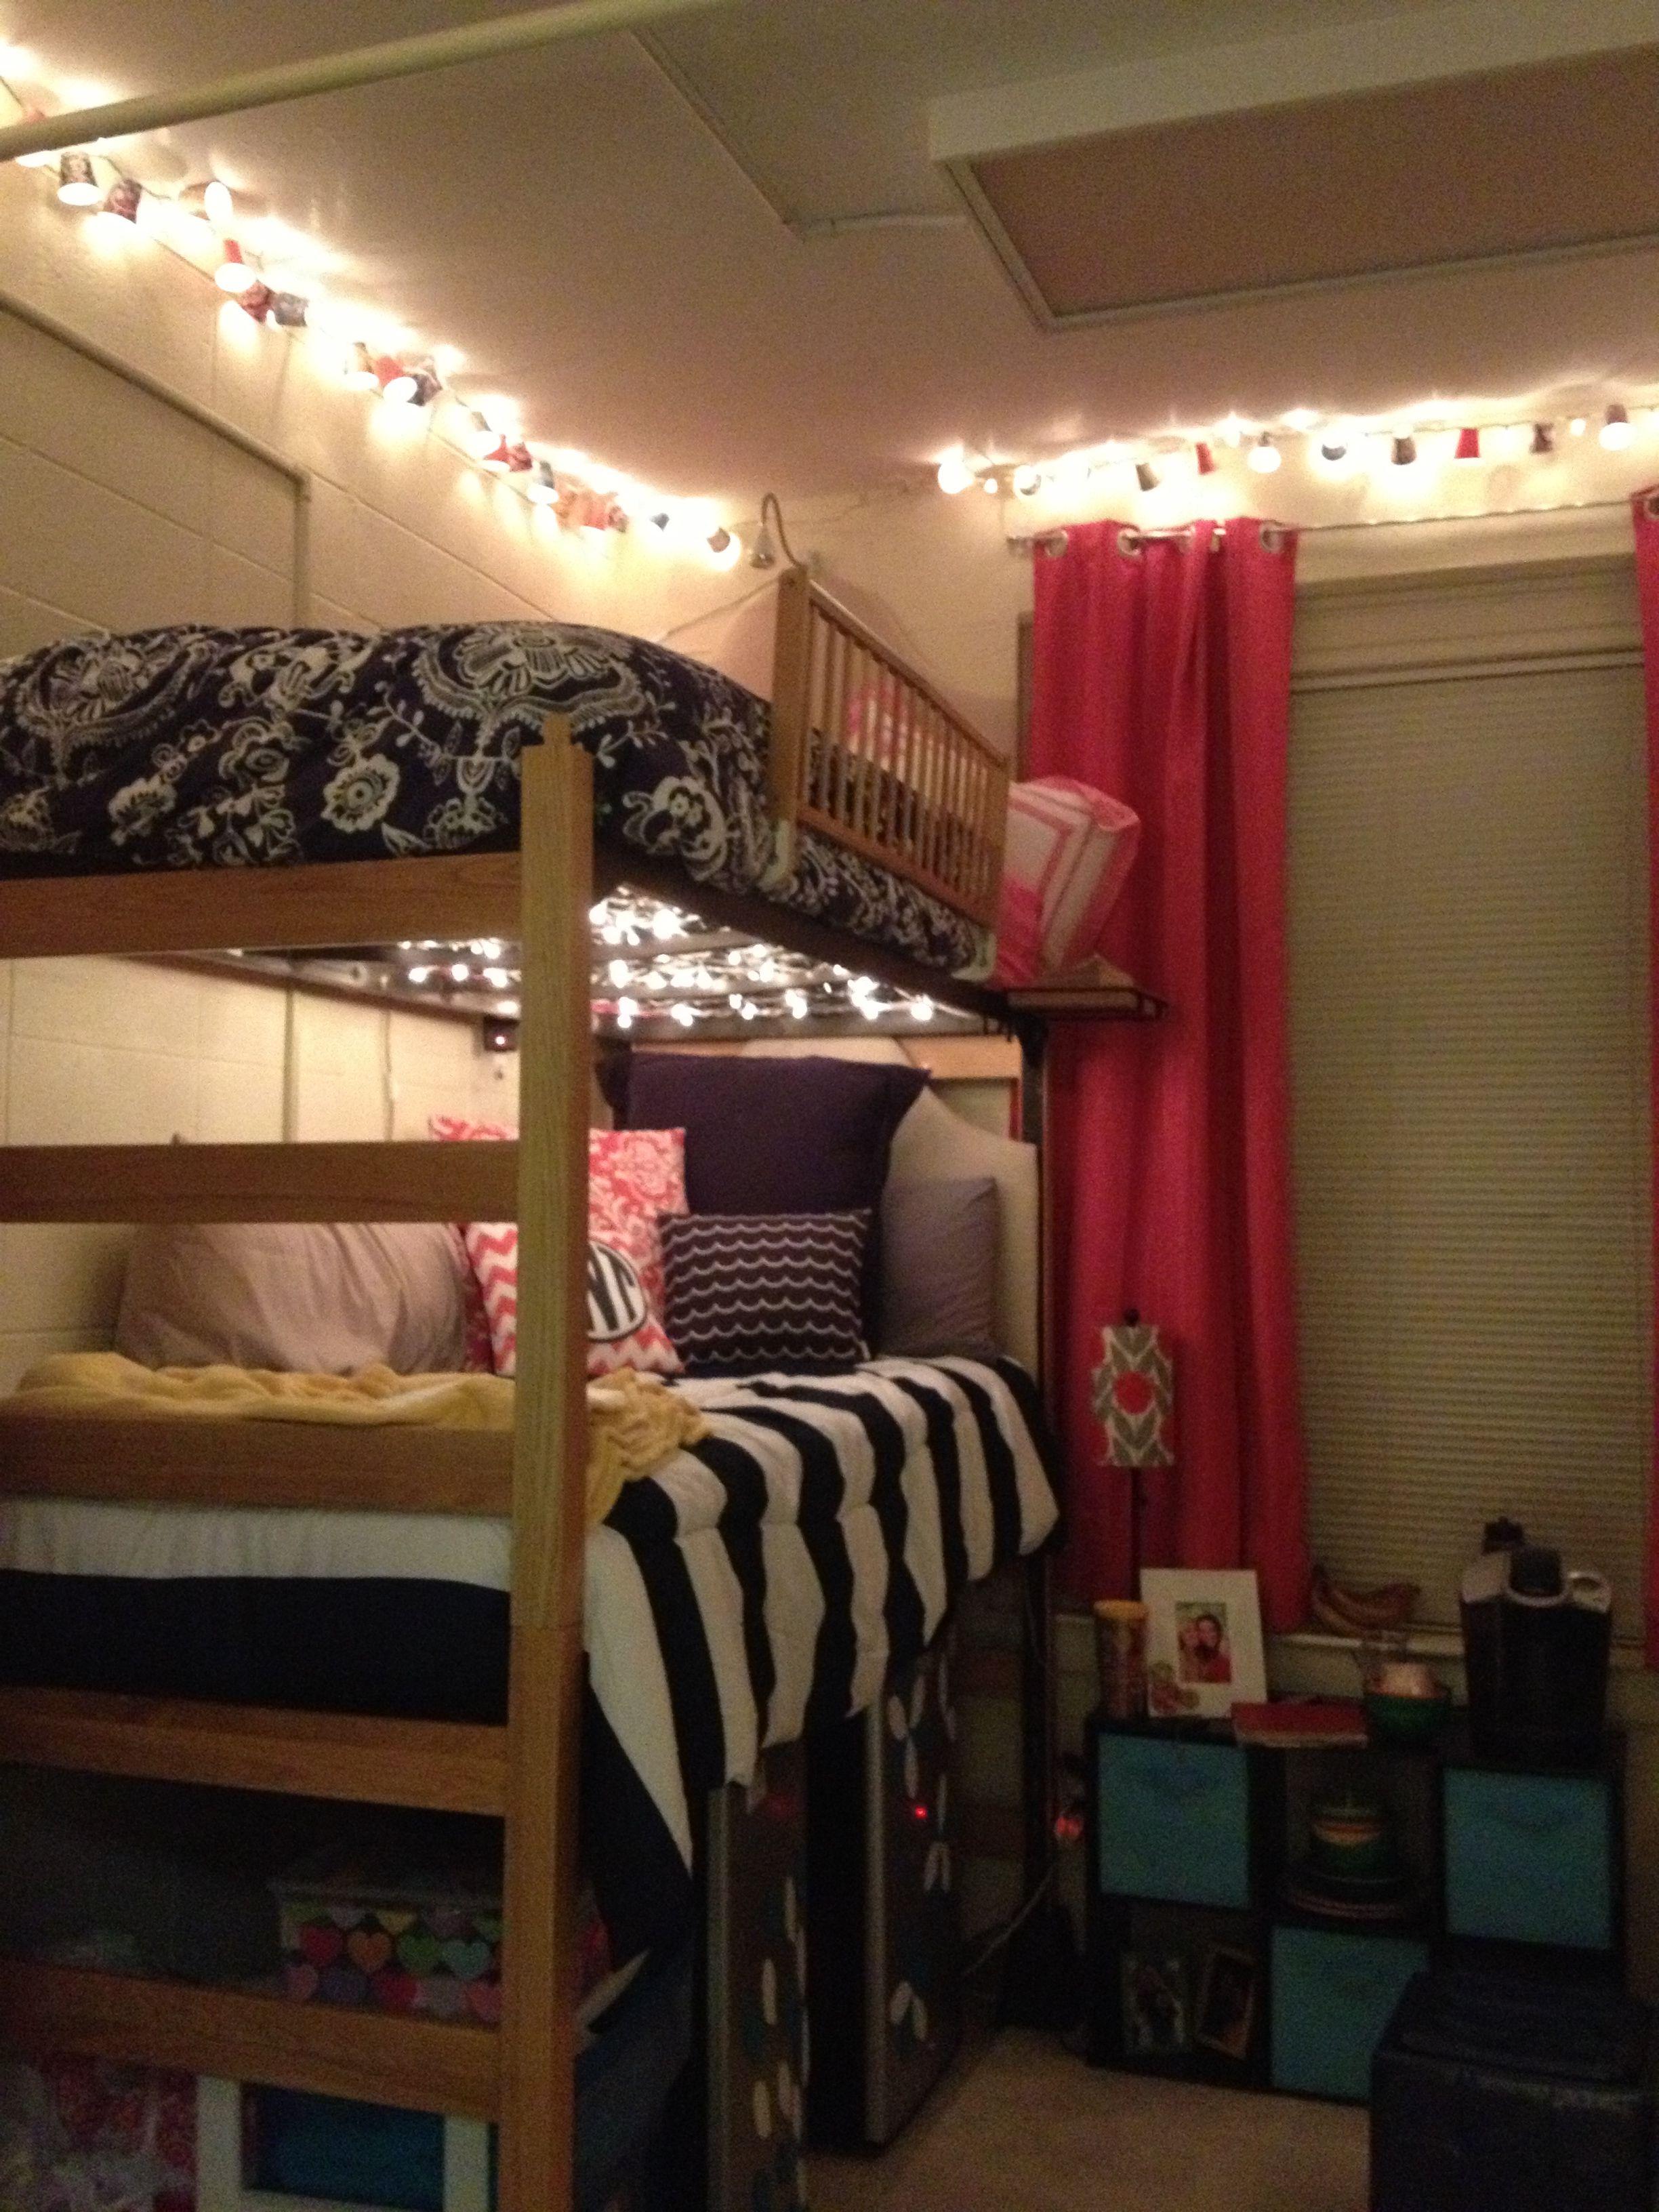 Cozy dorm room Dream Home Pinterest